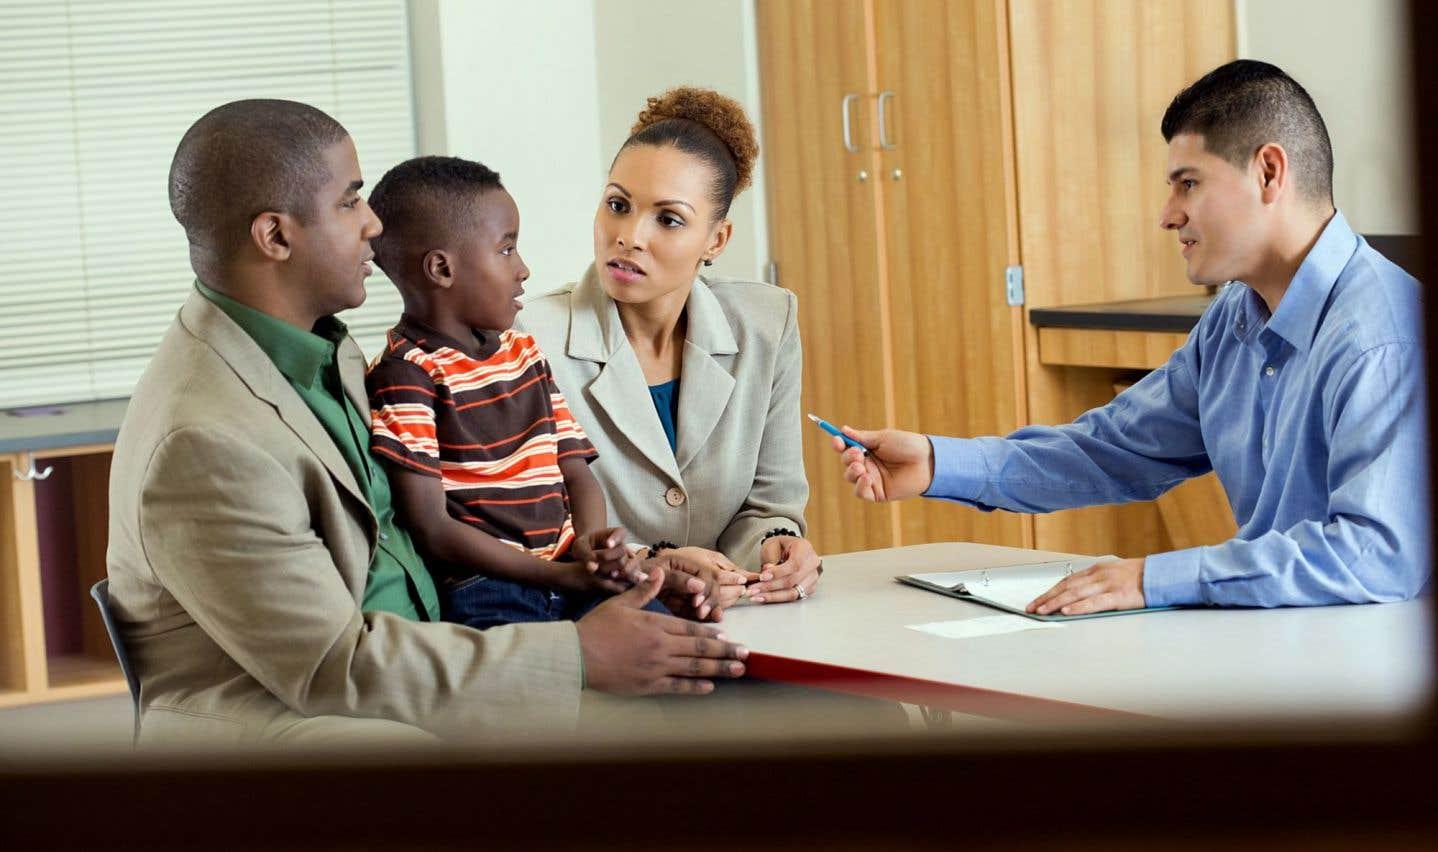 On trouve «des parents qui sont de plus en plus éveillés à ce qui se passe. Pour eux, l'image de l'école évolue. Il est important d'encourager cette attitude et de les accompagner dans cette démarche», déclare Gérald Boutin, professeur associé au Département d'éducation de l'UQAM, qui ajoute que «dans le programme de formation des enseignants, on n'aborde que très peu les moyens d'établir ce lien parent-enseignant».